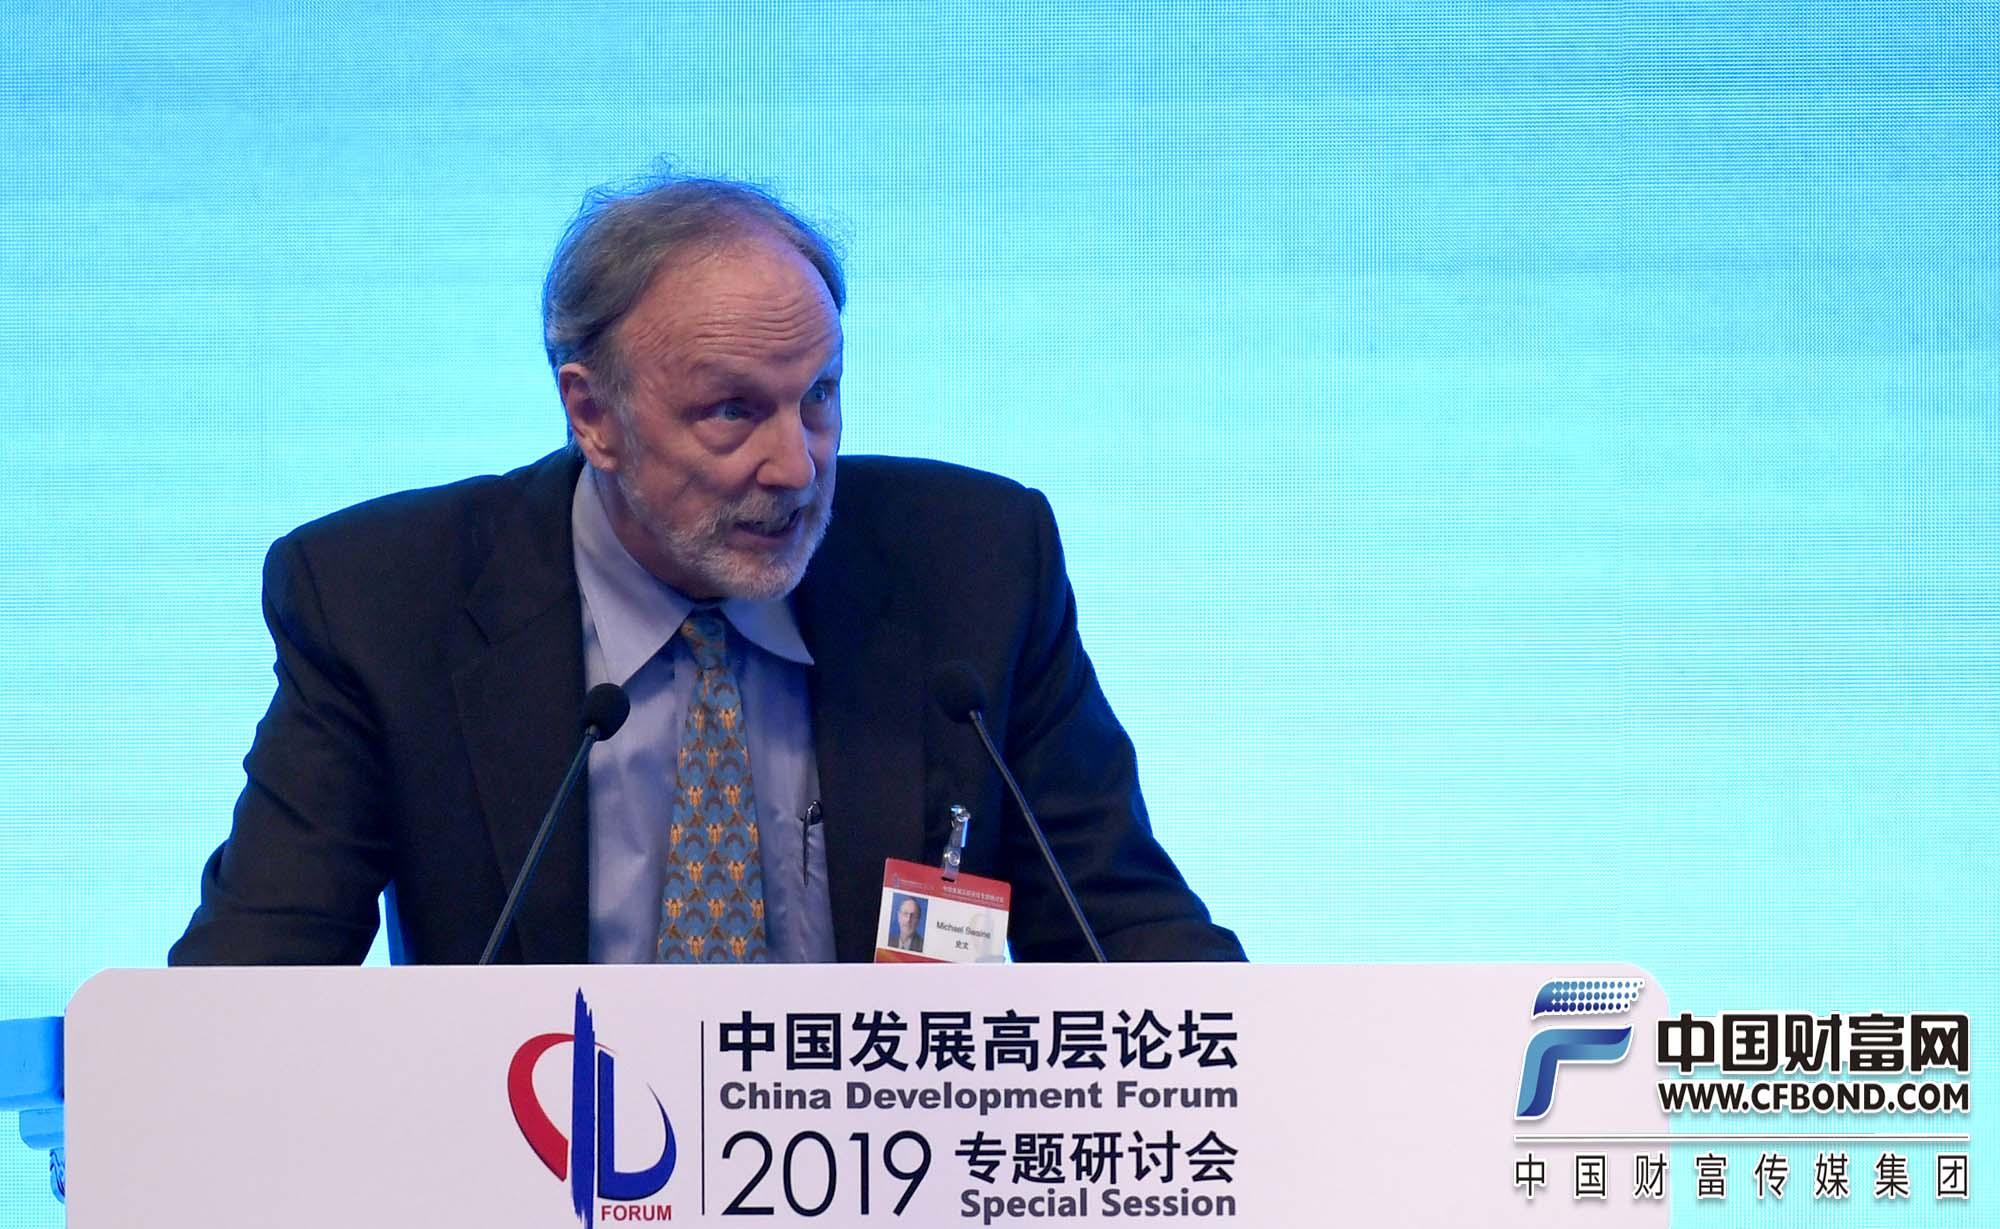 卡内基国际和平研究院资深研究员迈克尔·史文发言